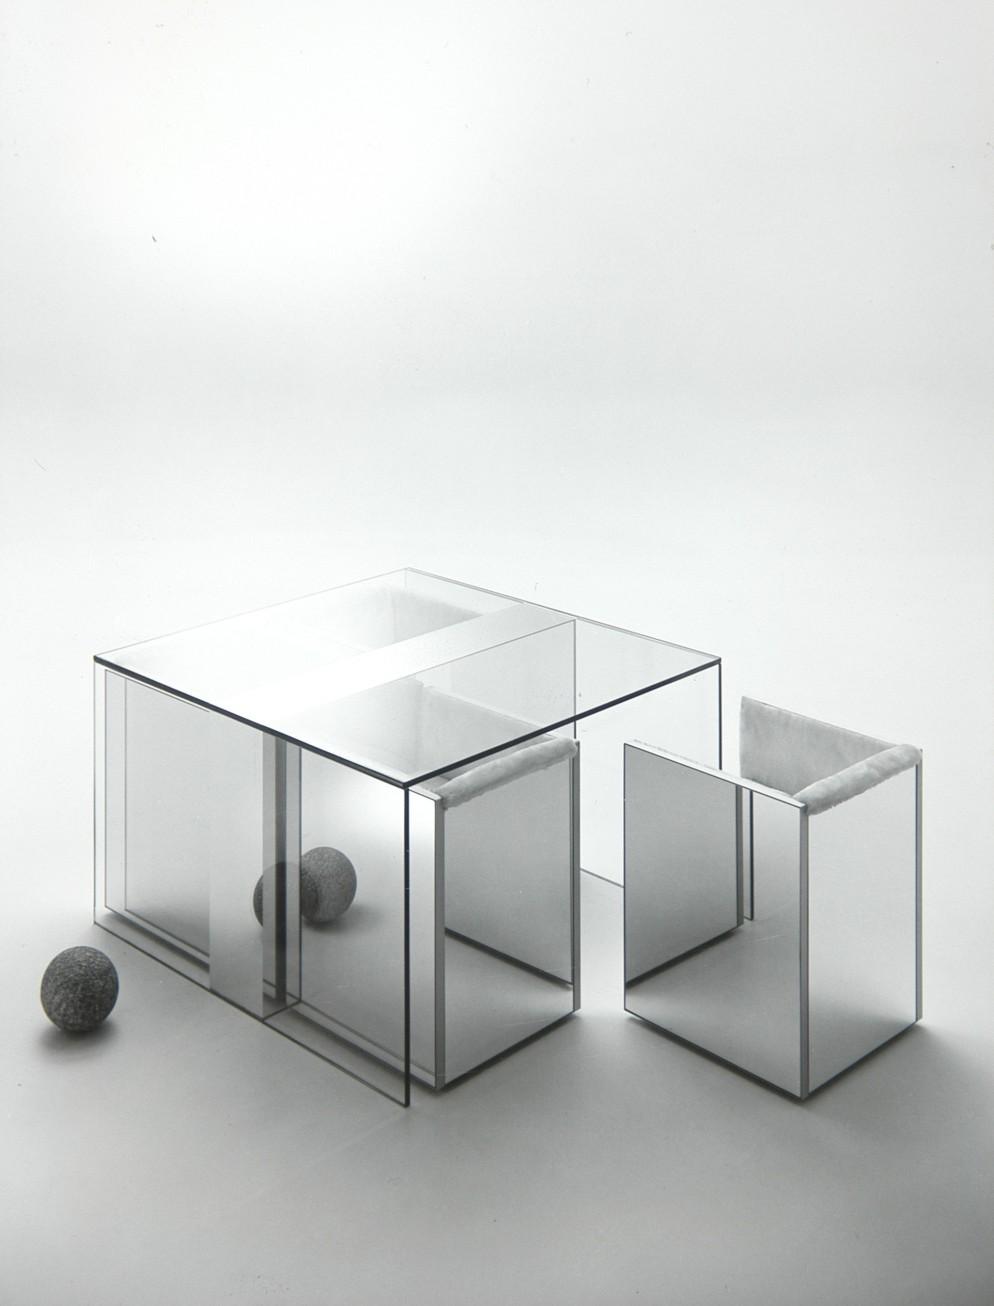 5. Nanda Vigo, Collezione Top, 1970, tavolo con sedie - FAI - FRIGERIO ARREDAMENTI, foto Aldo Ballo © Archivio Nanda Vigo